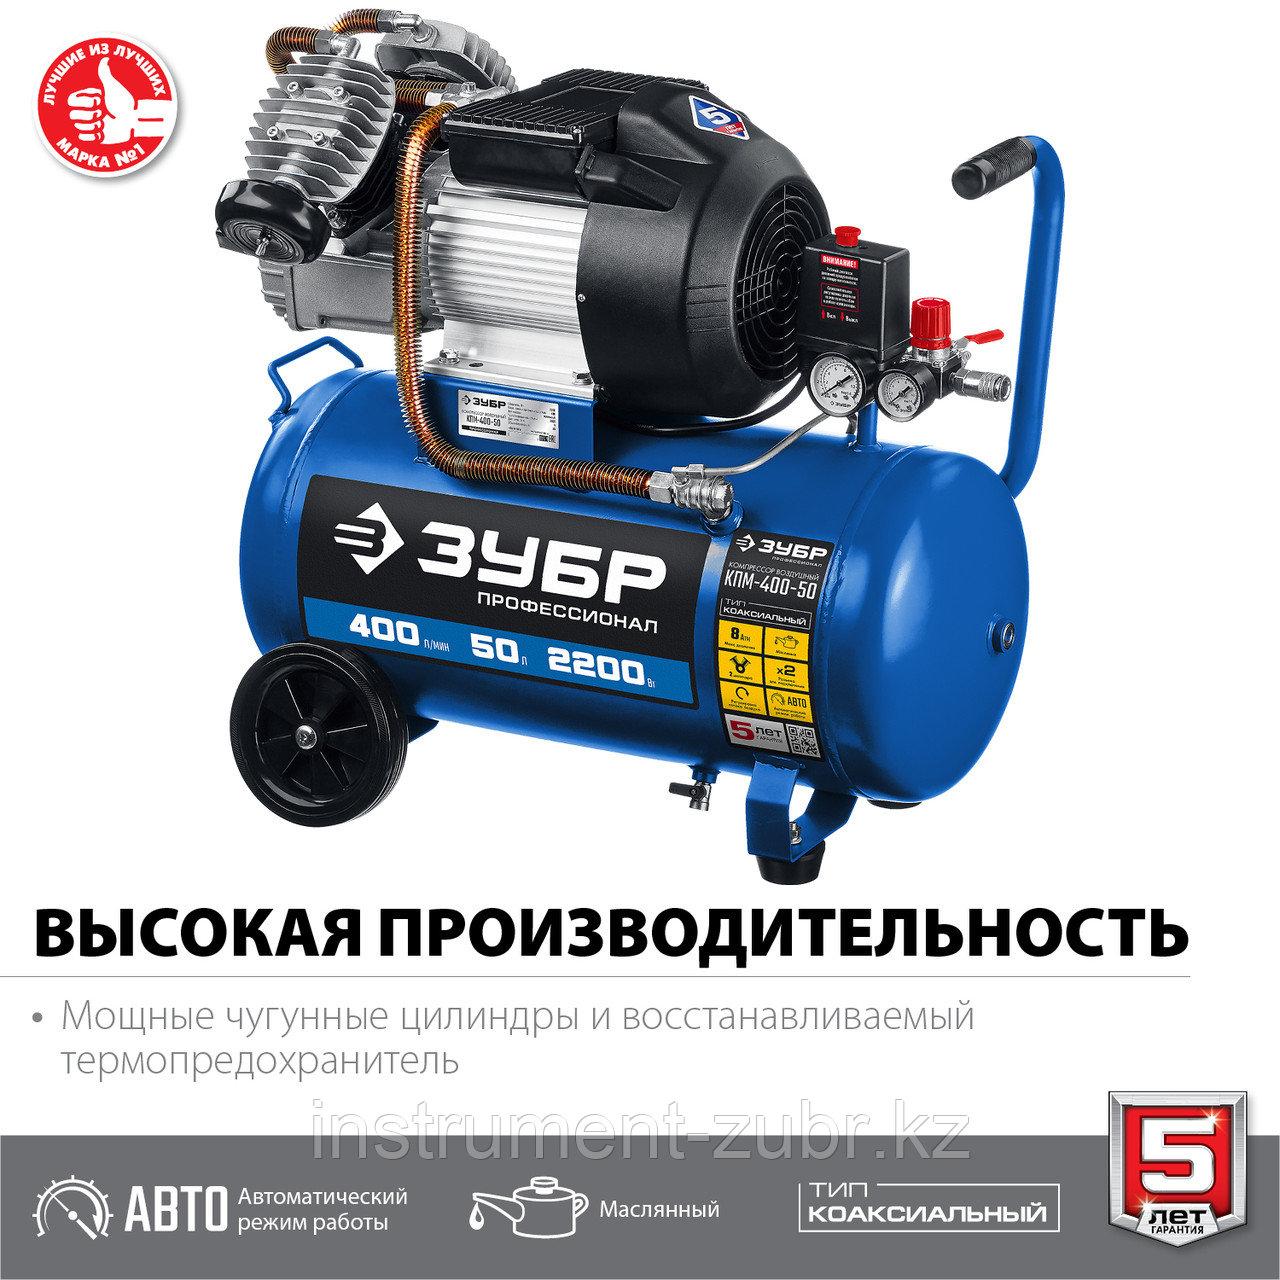 Компрессор воздушный, 400 л/мин, 50 л, 2200 Вт, ЗУБР - фото 5